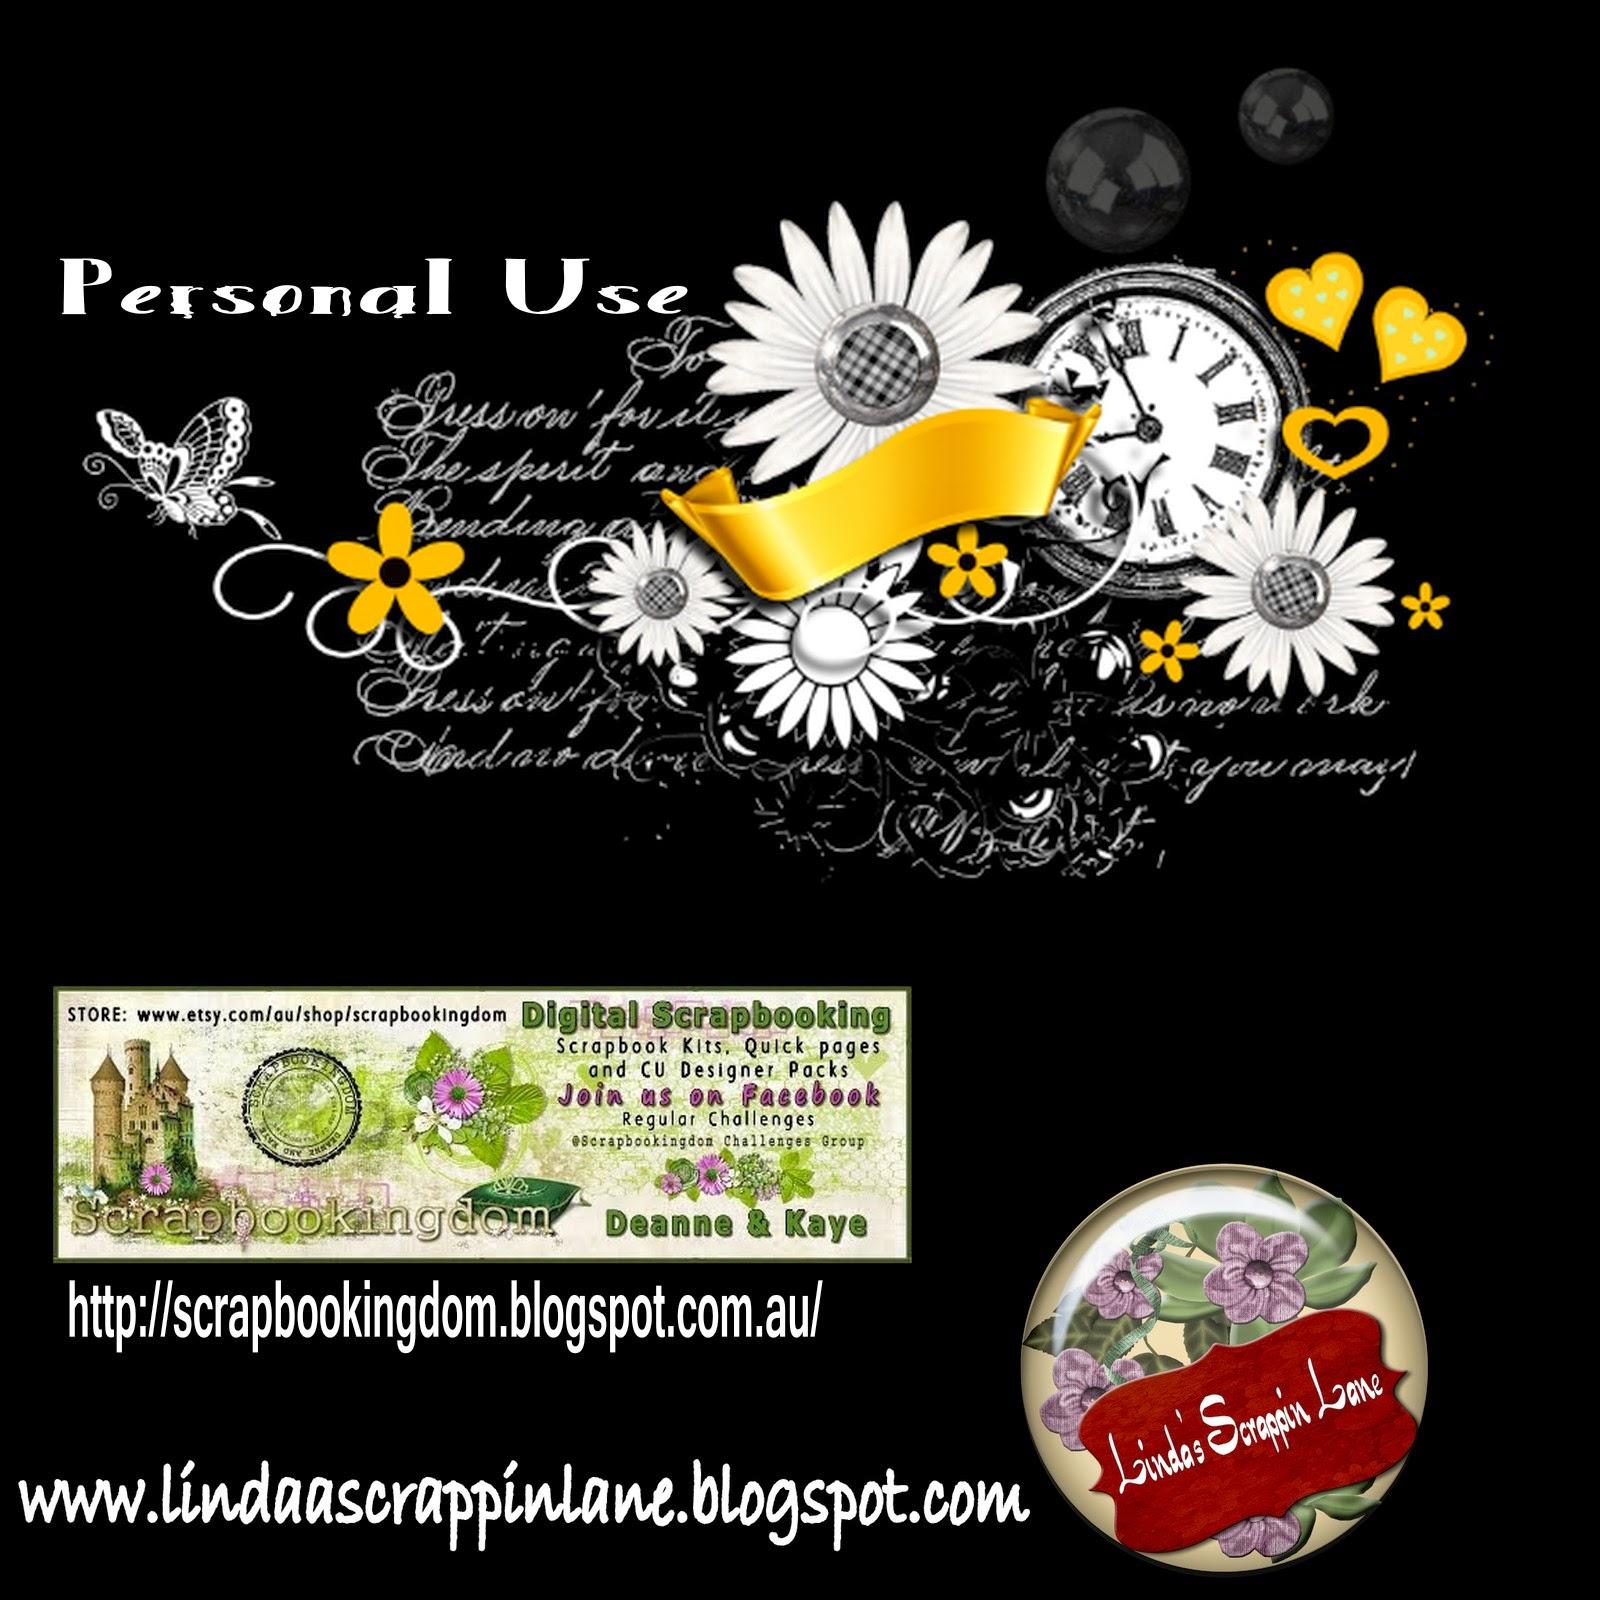 http://1.bp.blogspot.com/-H7WMzYeH6_8/VLRHLpBbyBI/AAAAAAAABEk/rX1lnLMb0ao/s1600/LSL%2BJan%2B12%2BBlog%2BFreebie.jpg